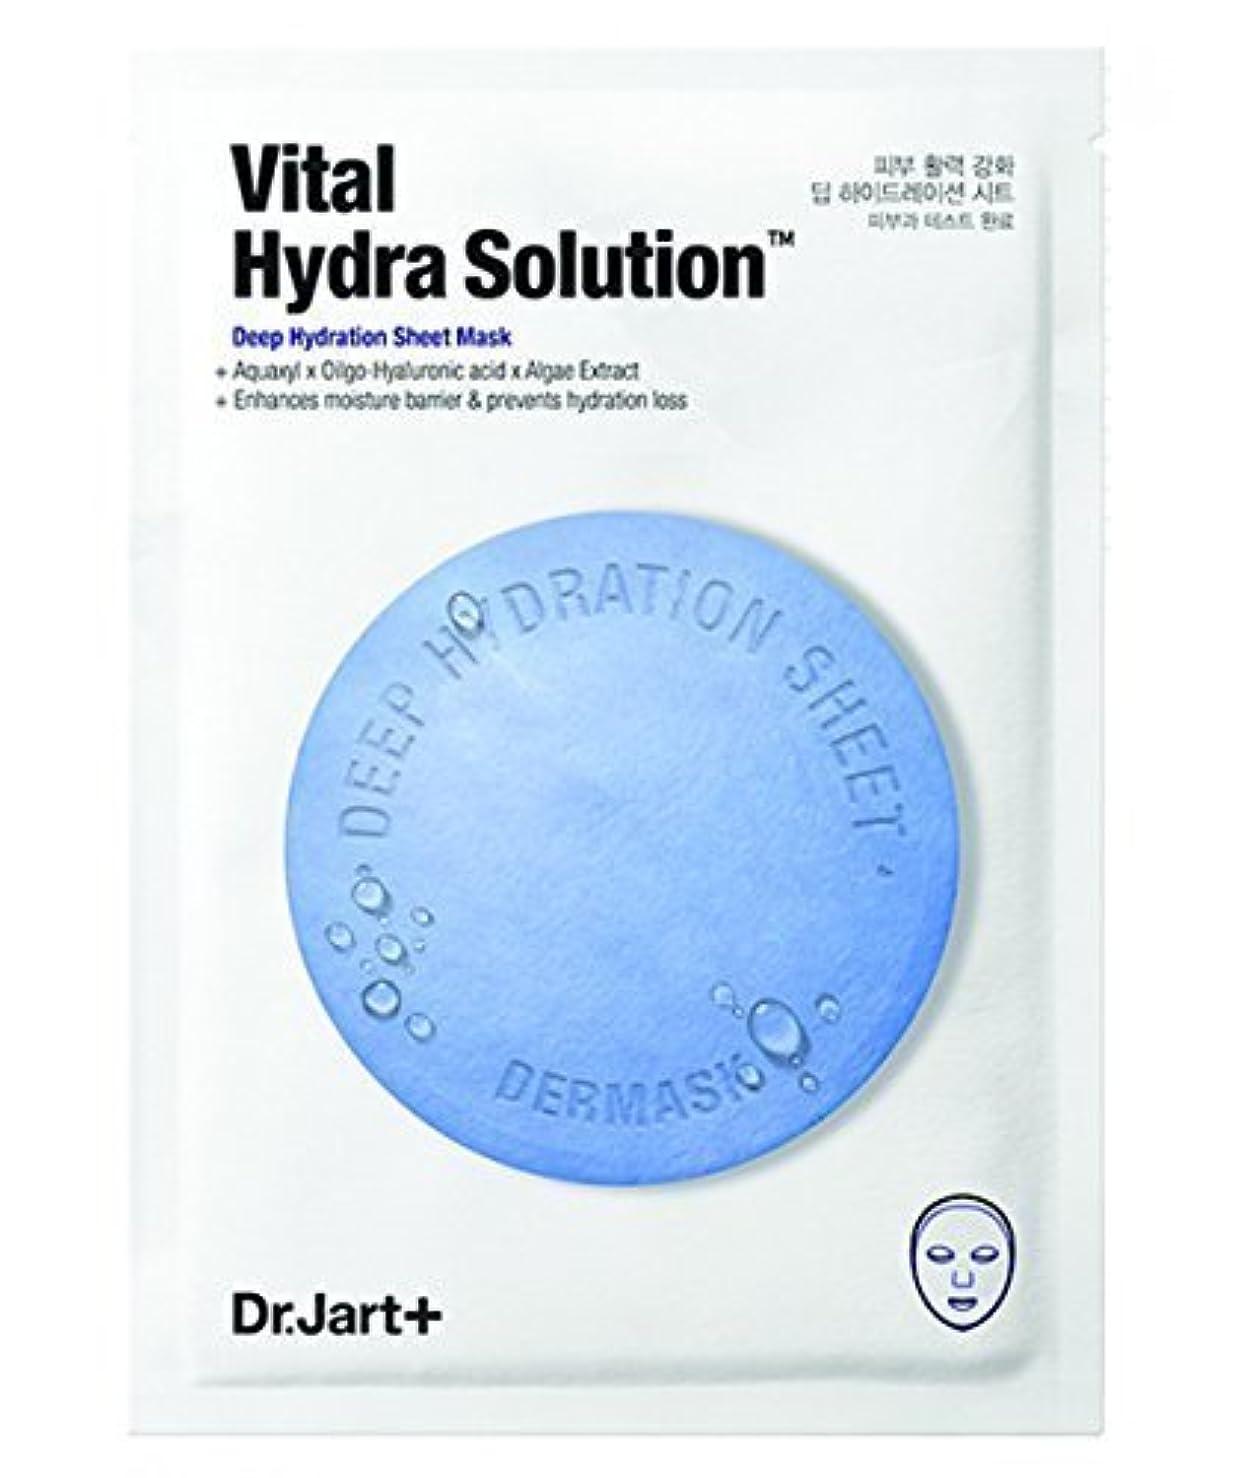 会計士真鍮法令Dr. Jart ヒドラソリューション深い水和マスク5枚/韓国化粧品をなだめるdr.jart + dermask [並行輸入品]